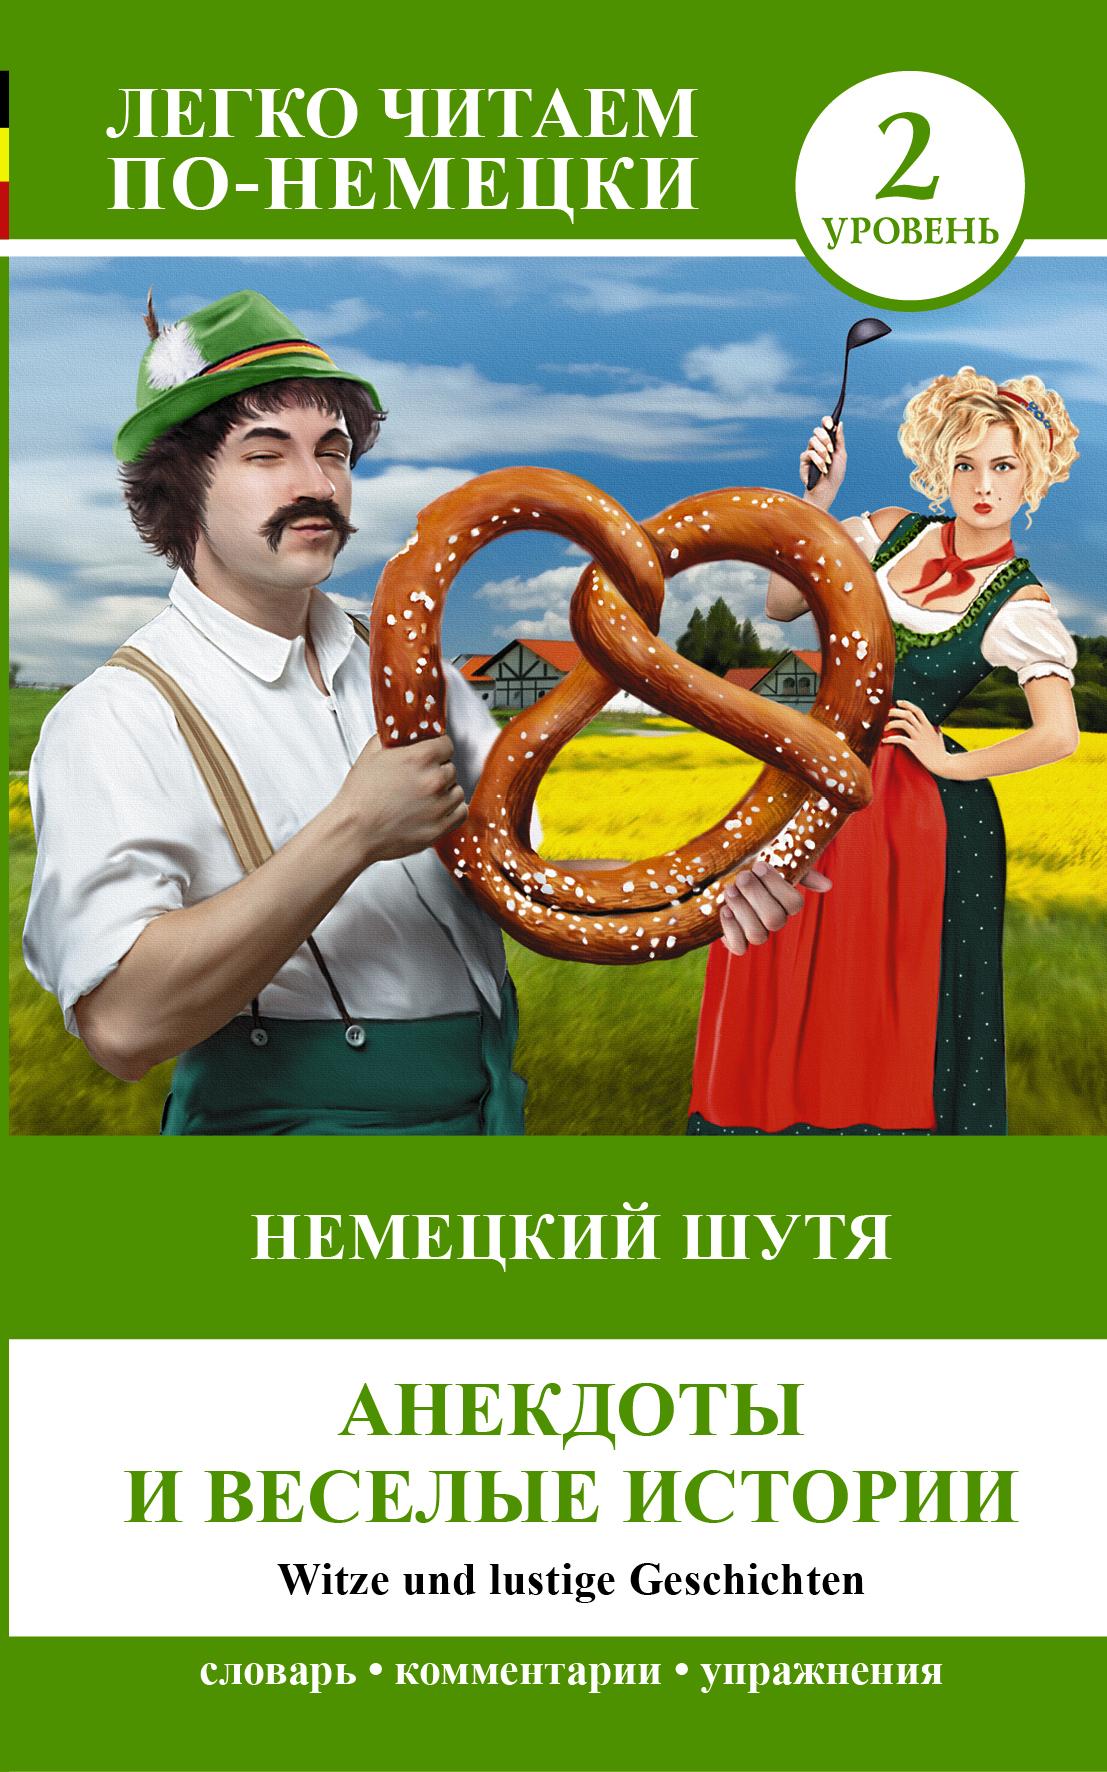 Немецкий шутя. Анекдоты и весёлые истории. Уровень 2 / Witze und lustige Geschichten